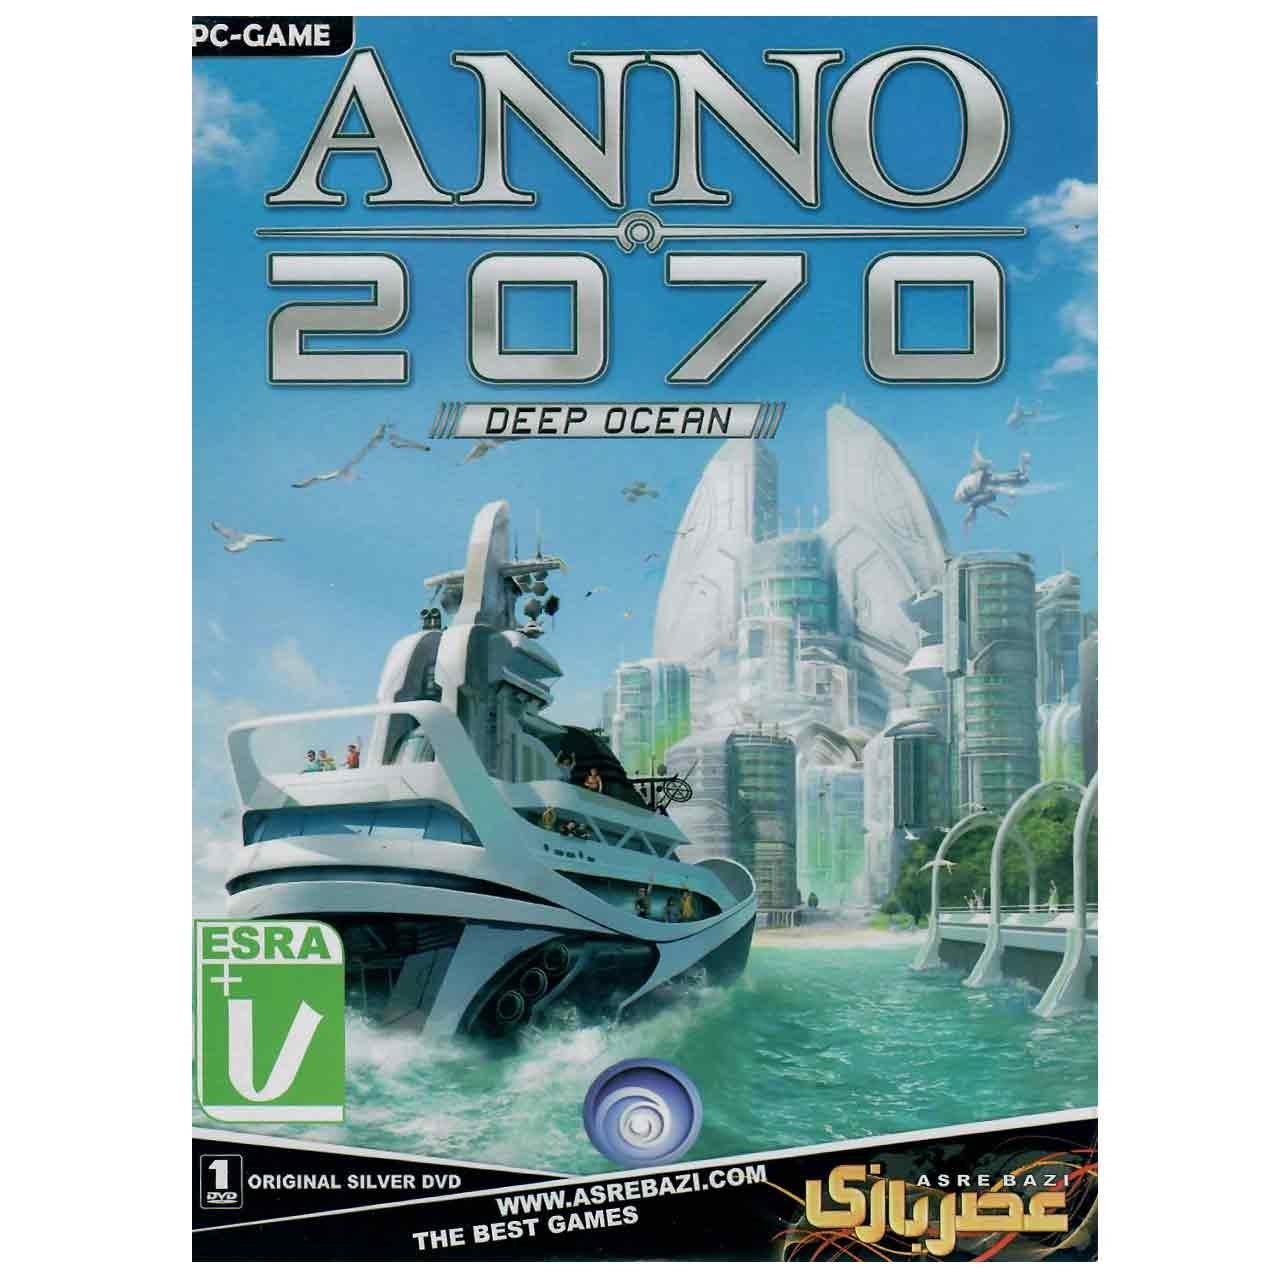 بازی Anno 2070 Deep Ocean مخصوص pc